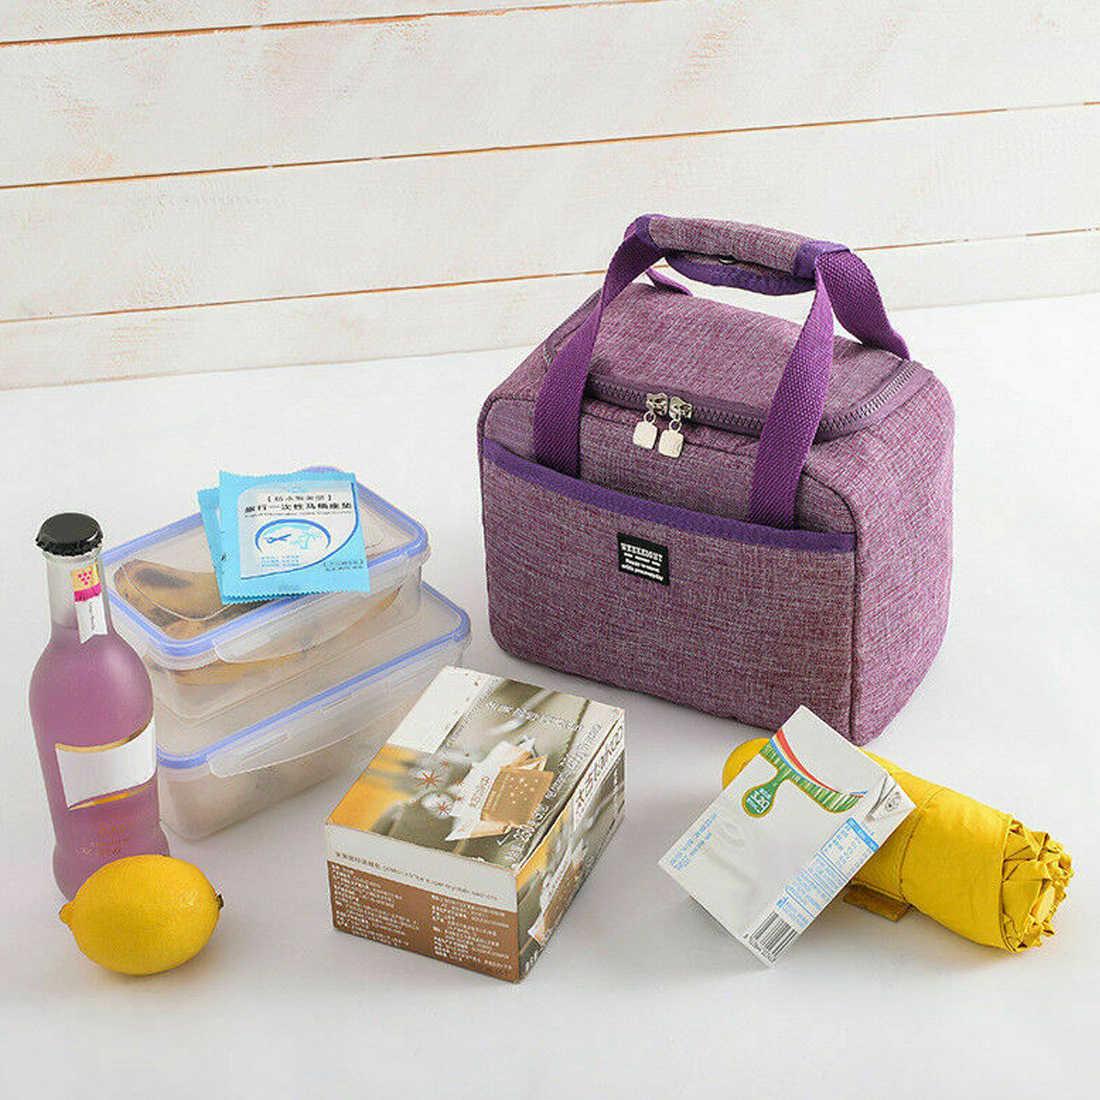 DIHOPE taşınabilir öğle yemeği çantası yeni ısı yalıtımlı kutu Tote soğutucu çanta Bento kılıfı yemeği konteyner okul gıda depolama